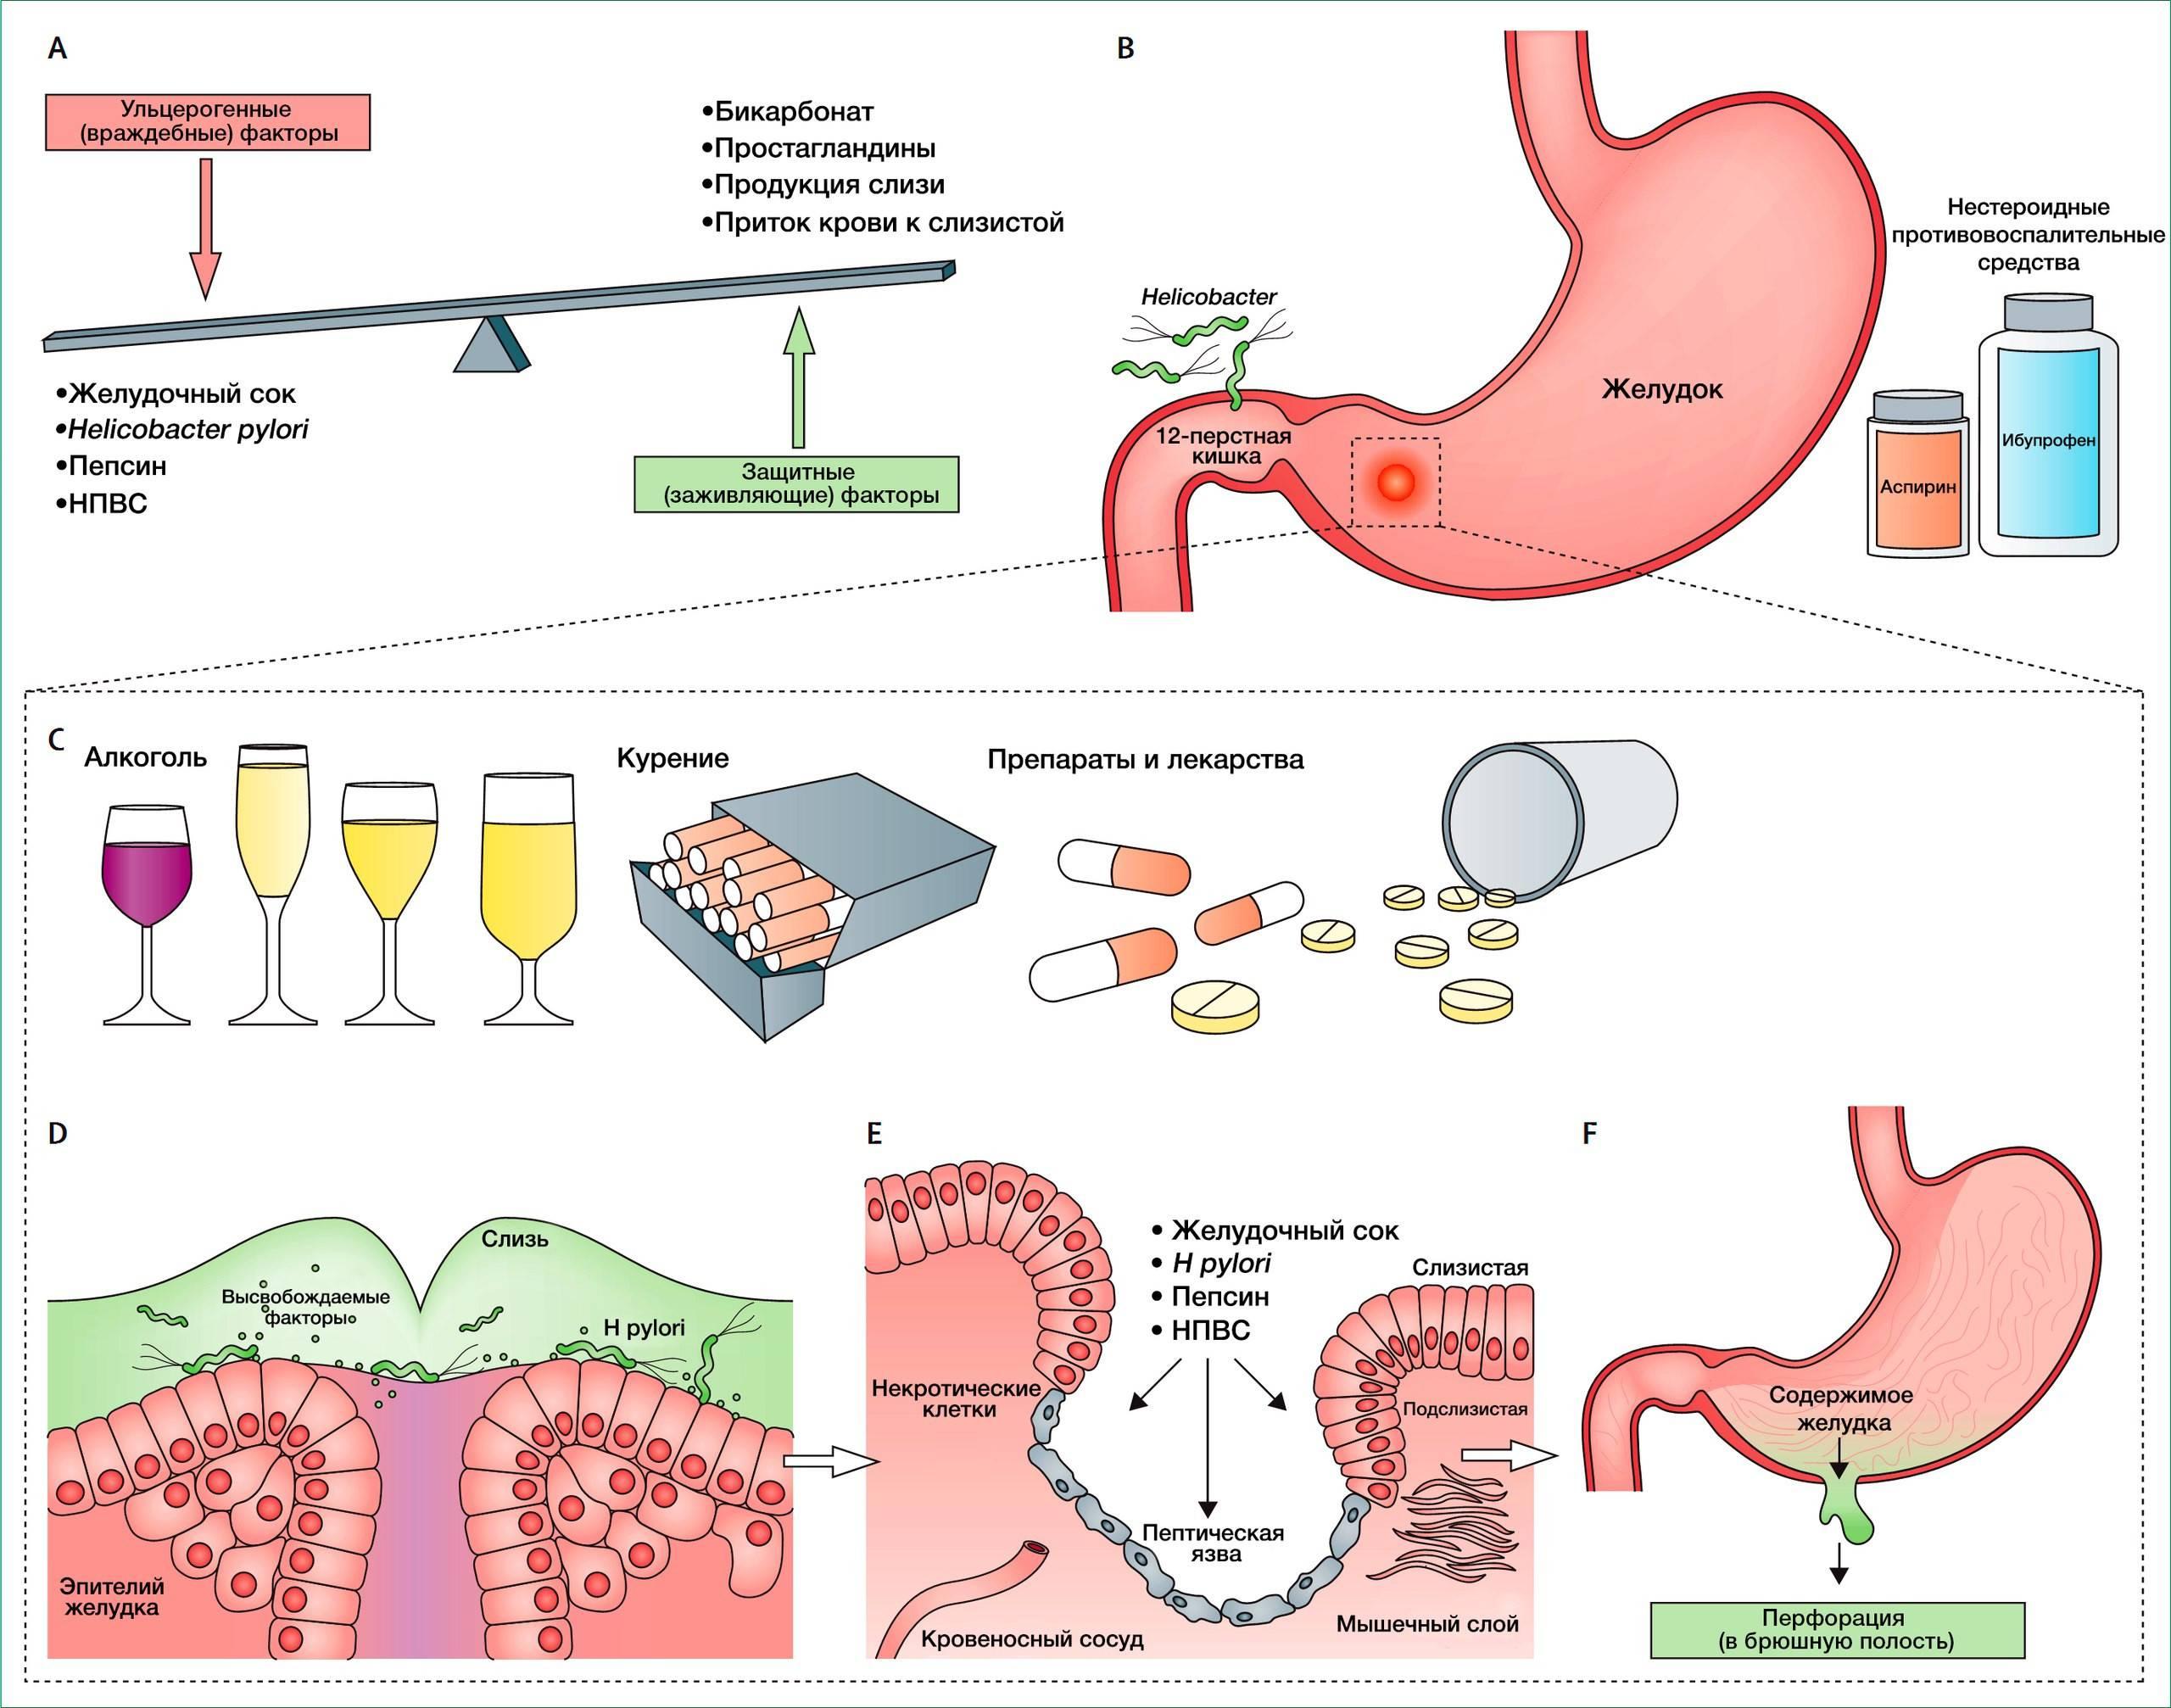 Можно ли пить водку при язве желудка и двенадцатиперстной кишки?